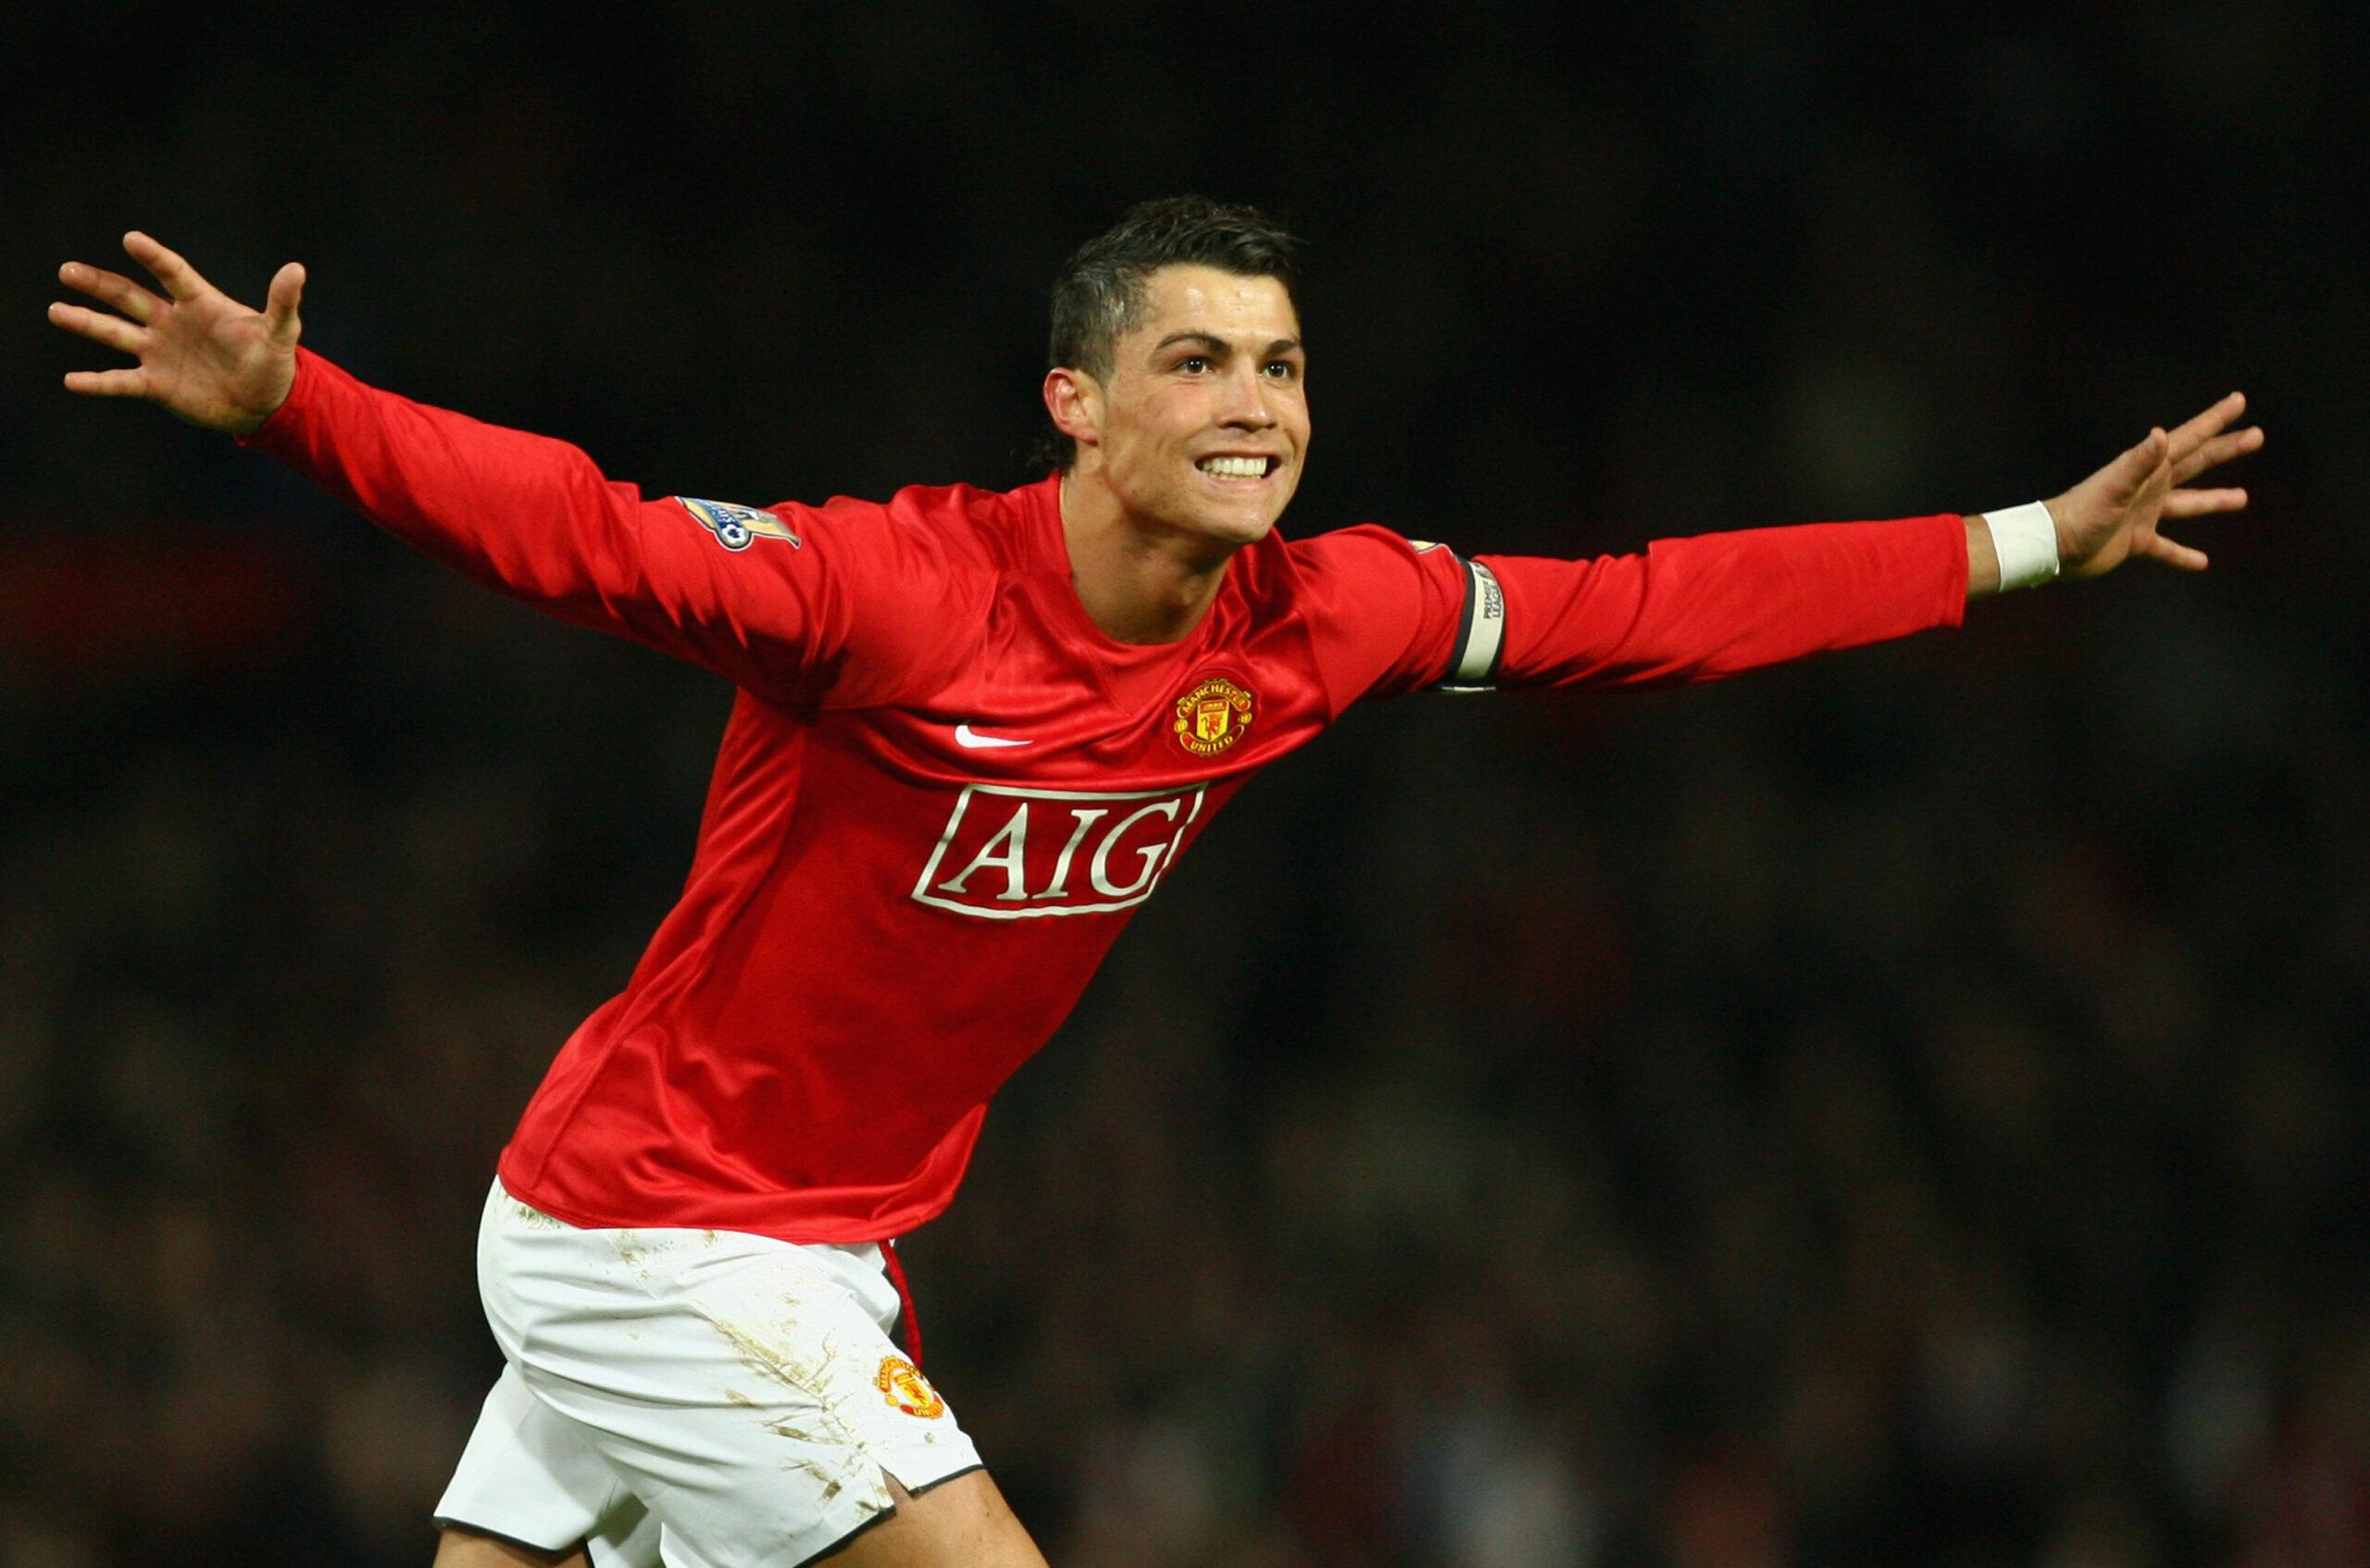 Oficial: Cristiano Ronaldo firmó con el Manchester United y volverá al club tras 12 años